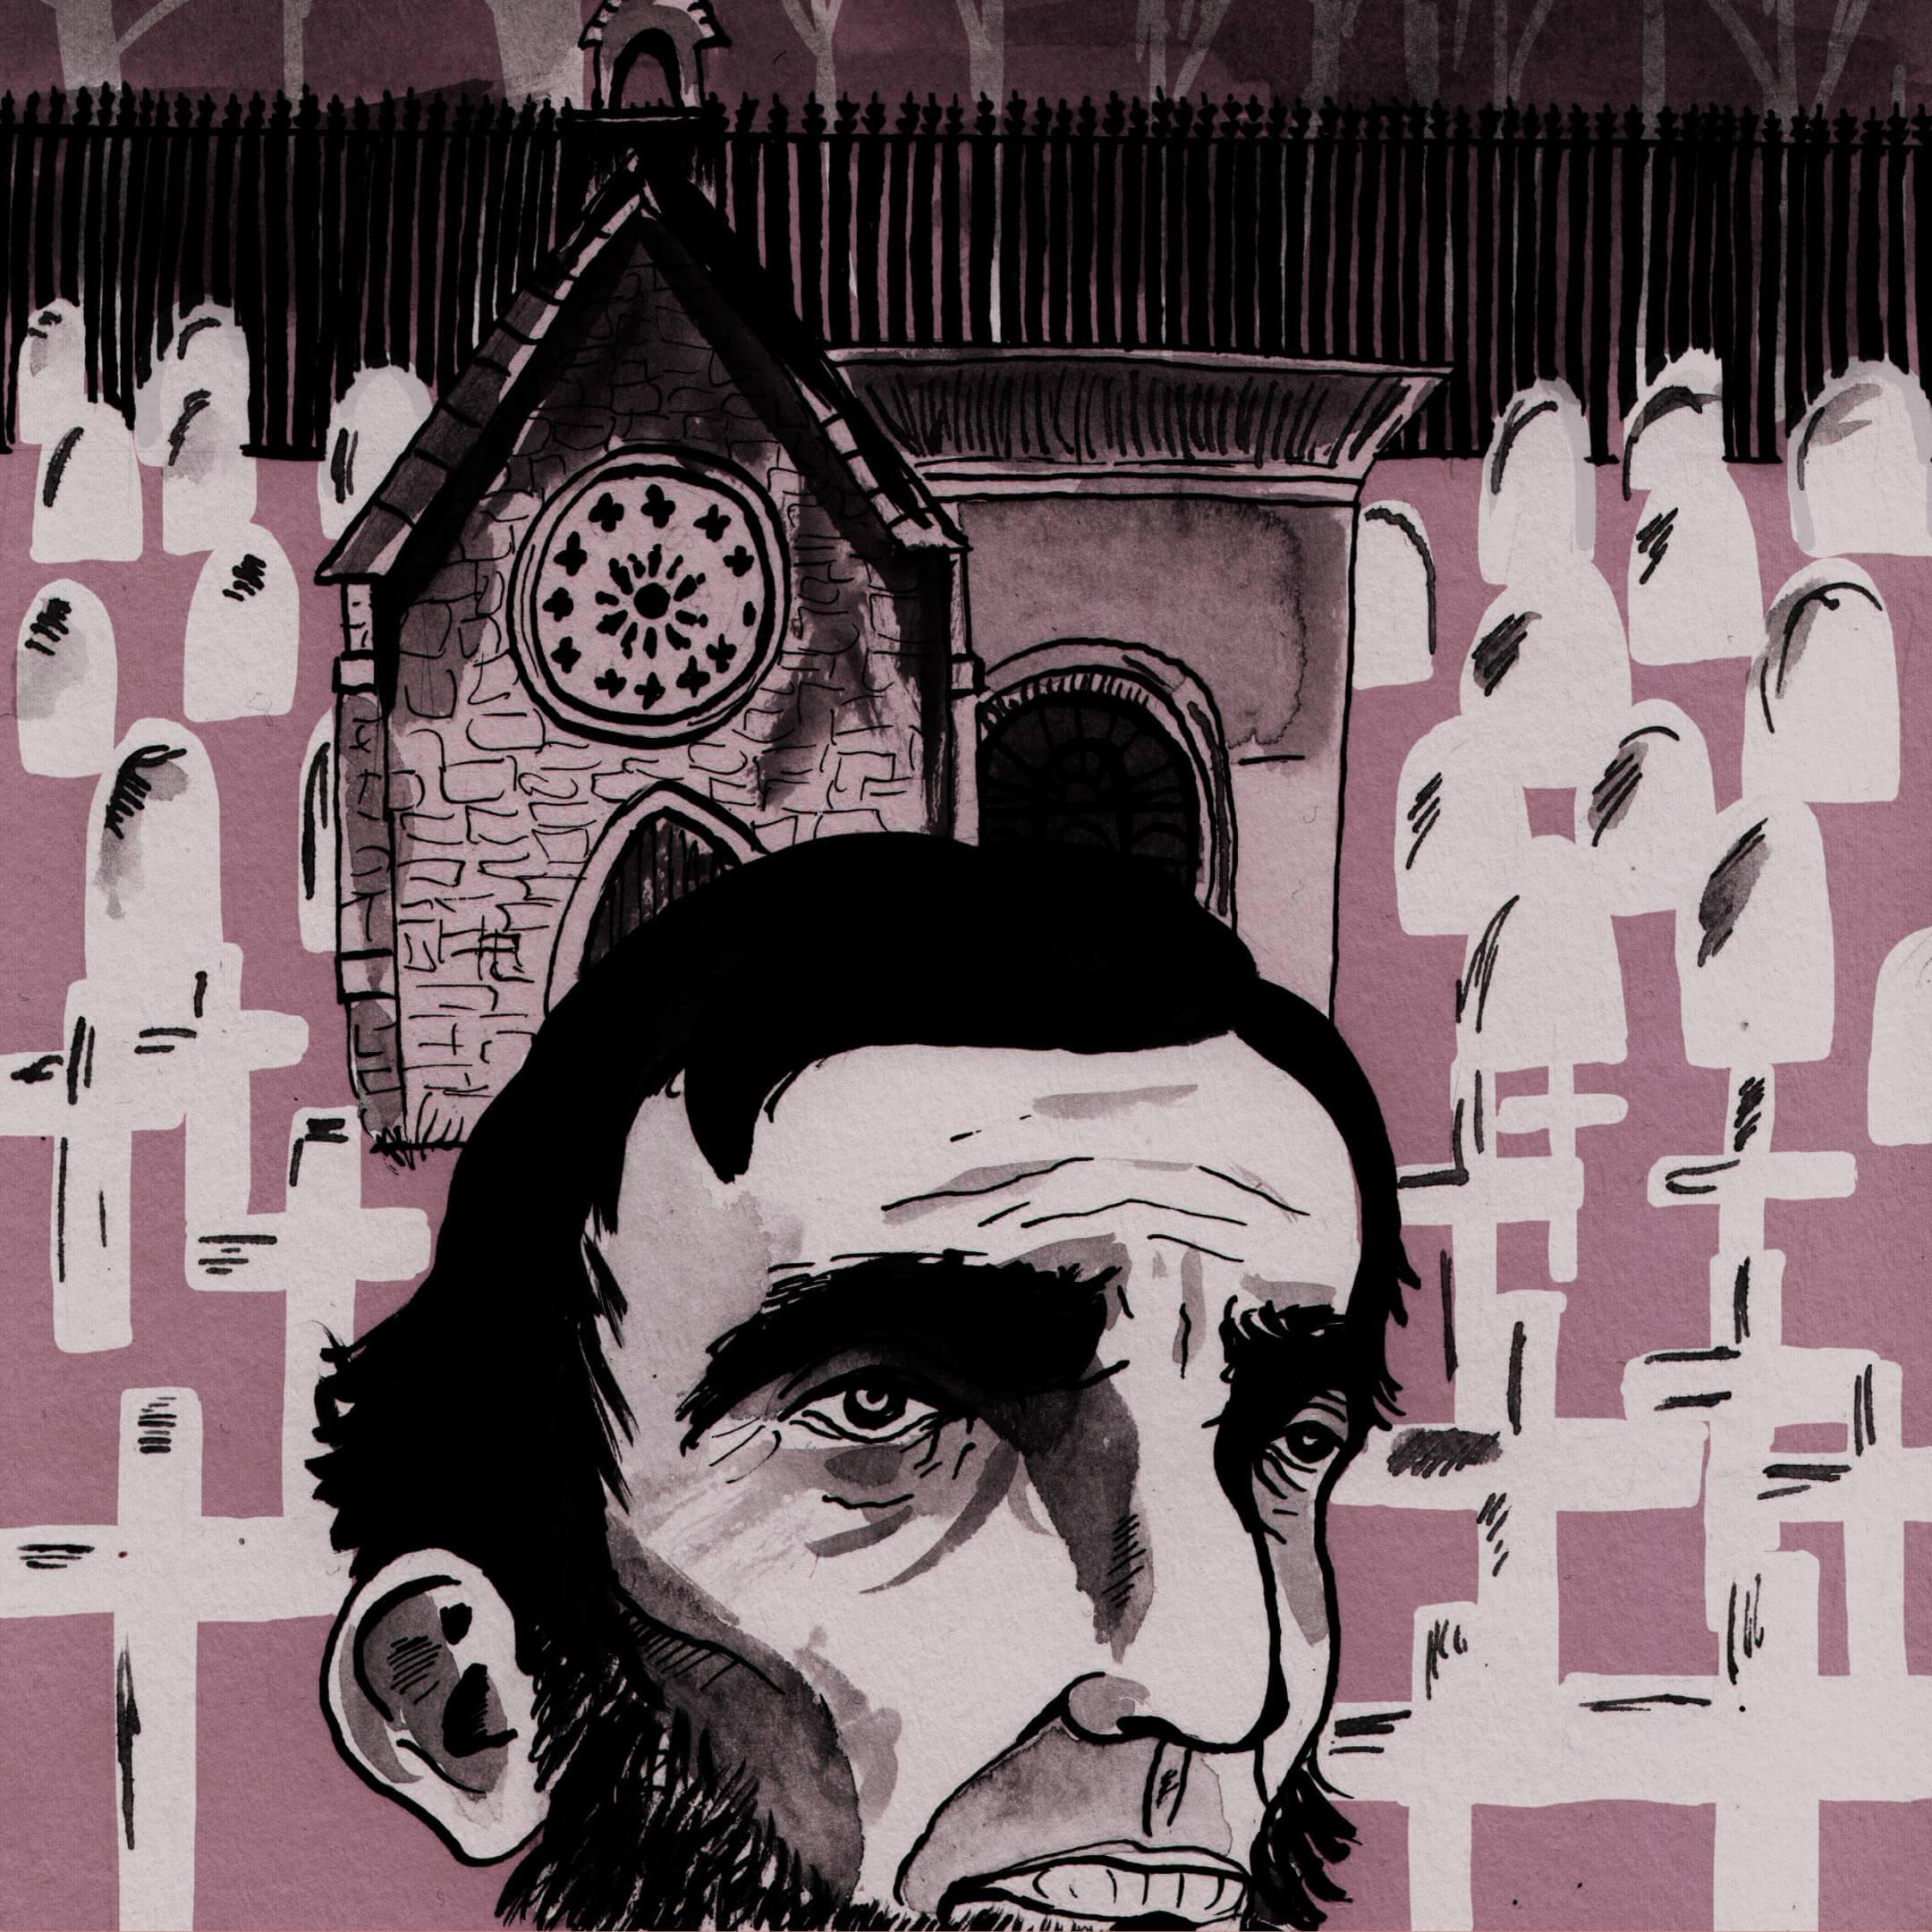 Иллюстрации Ella Strickland deSouza кроману Джорджа Сондерса «Линкольн в бардо». Источник: cargocollective.com